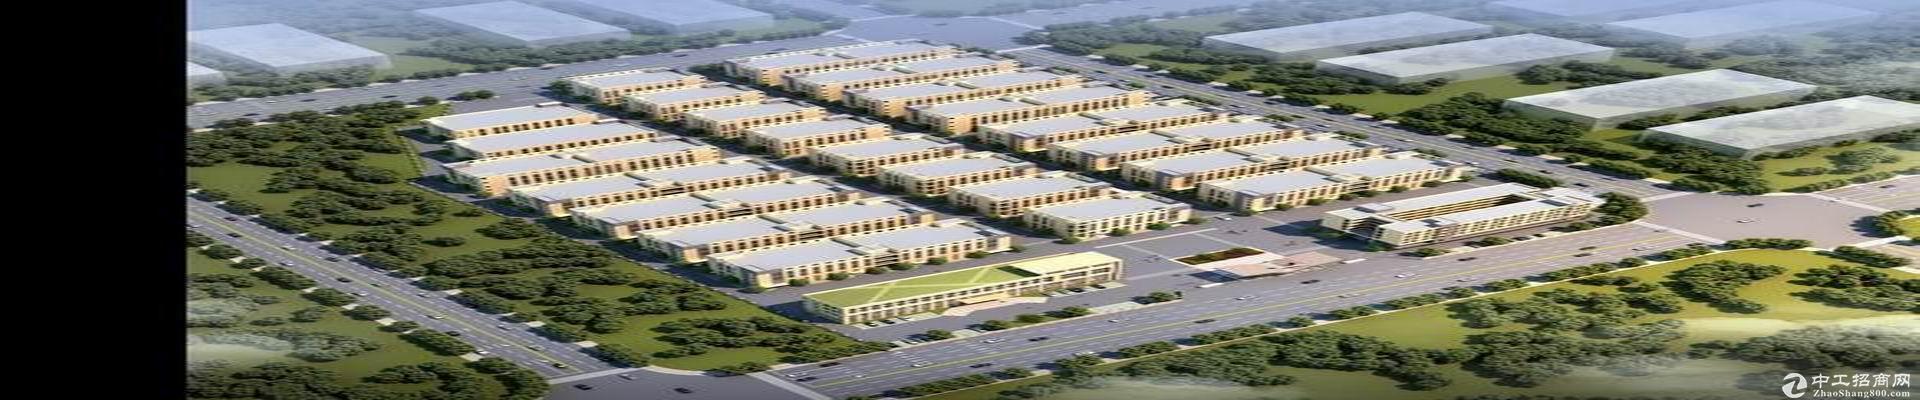 鹤山市址山镇龙湾高新技术开发区上元产业港